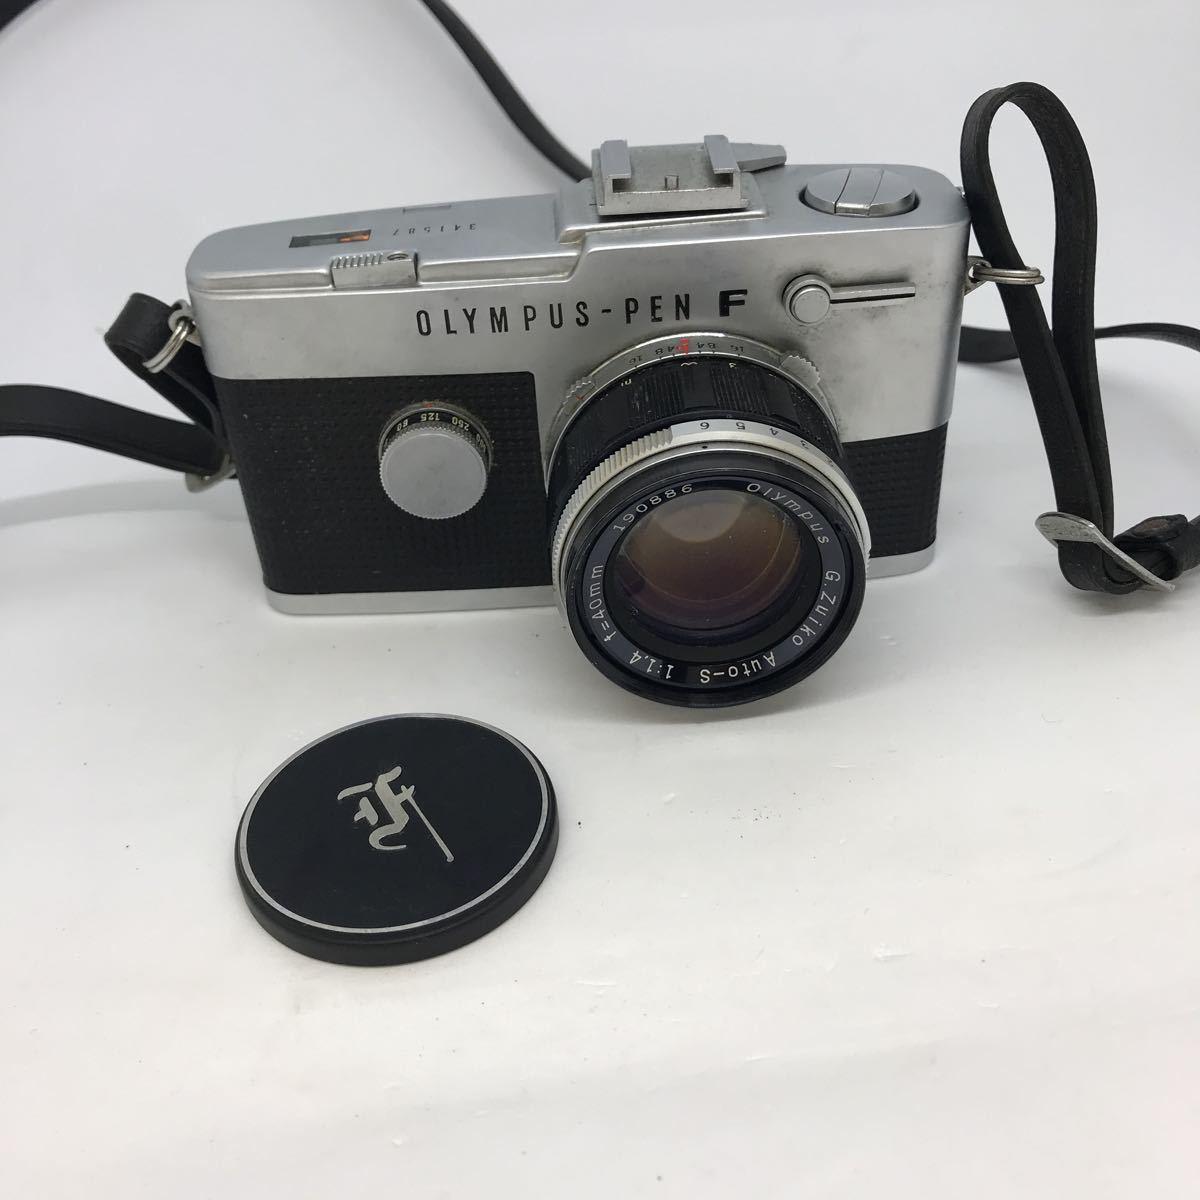 OLYMPUS オリンパス PEN F G.zuiko 1:1.4 40mm 一眼レフカメラ